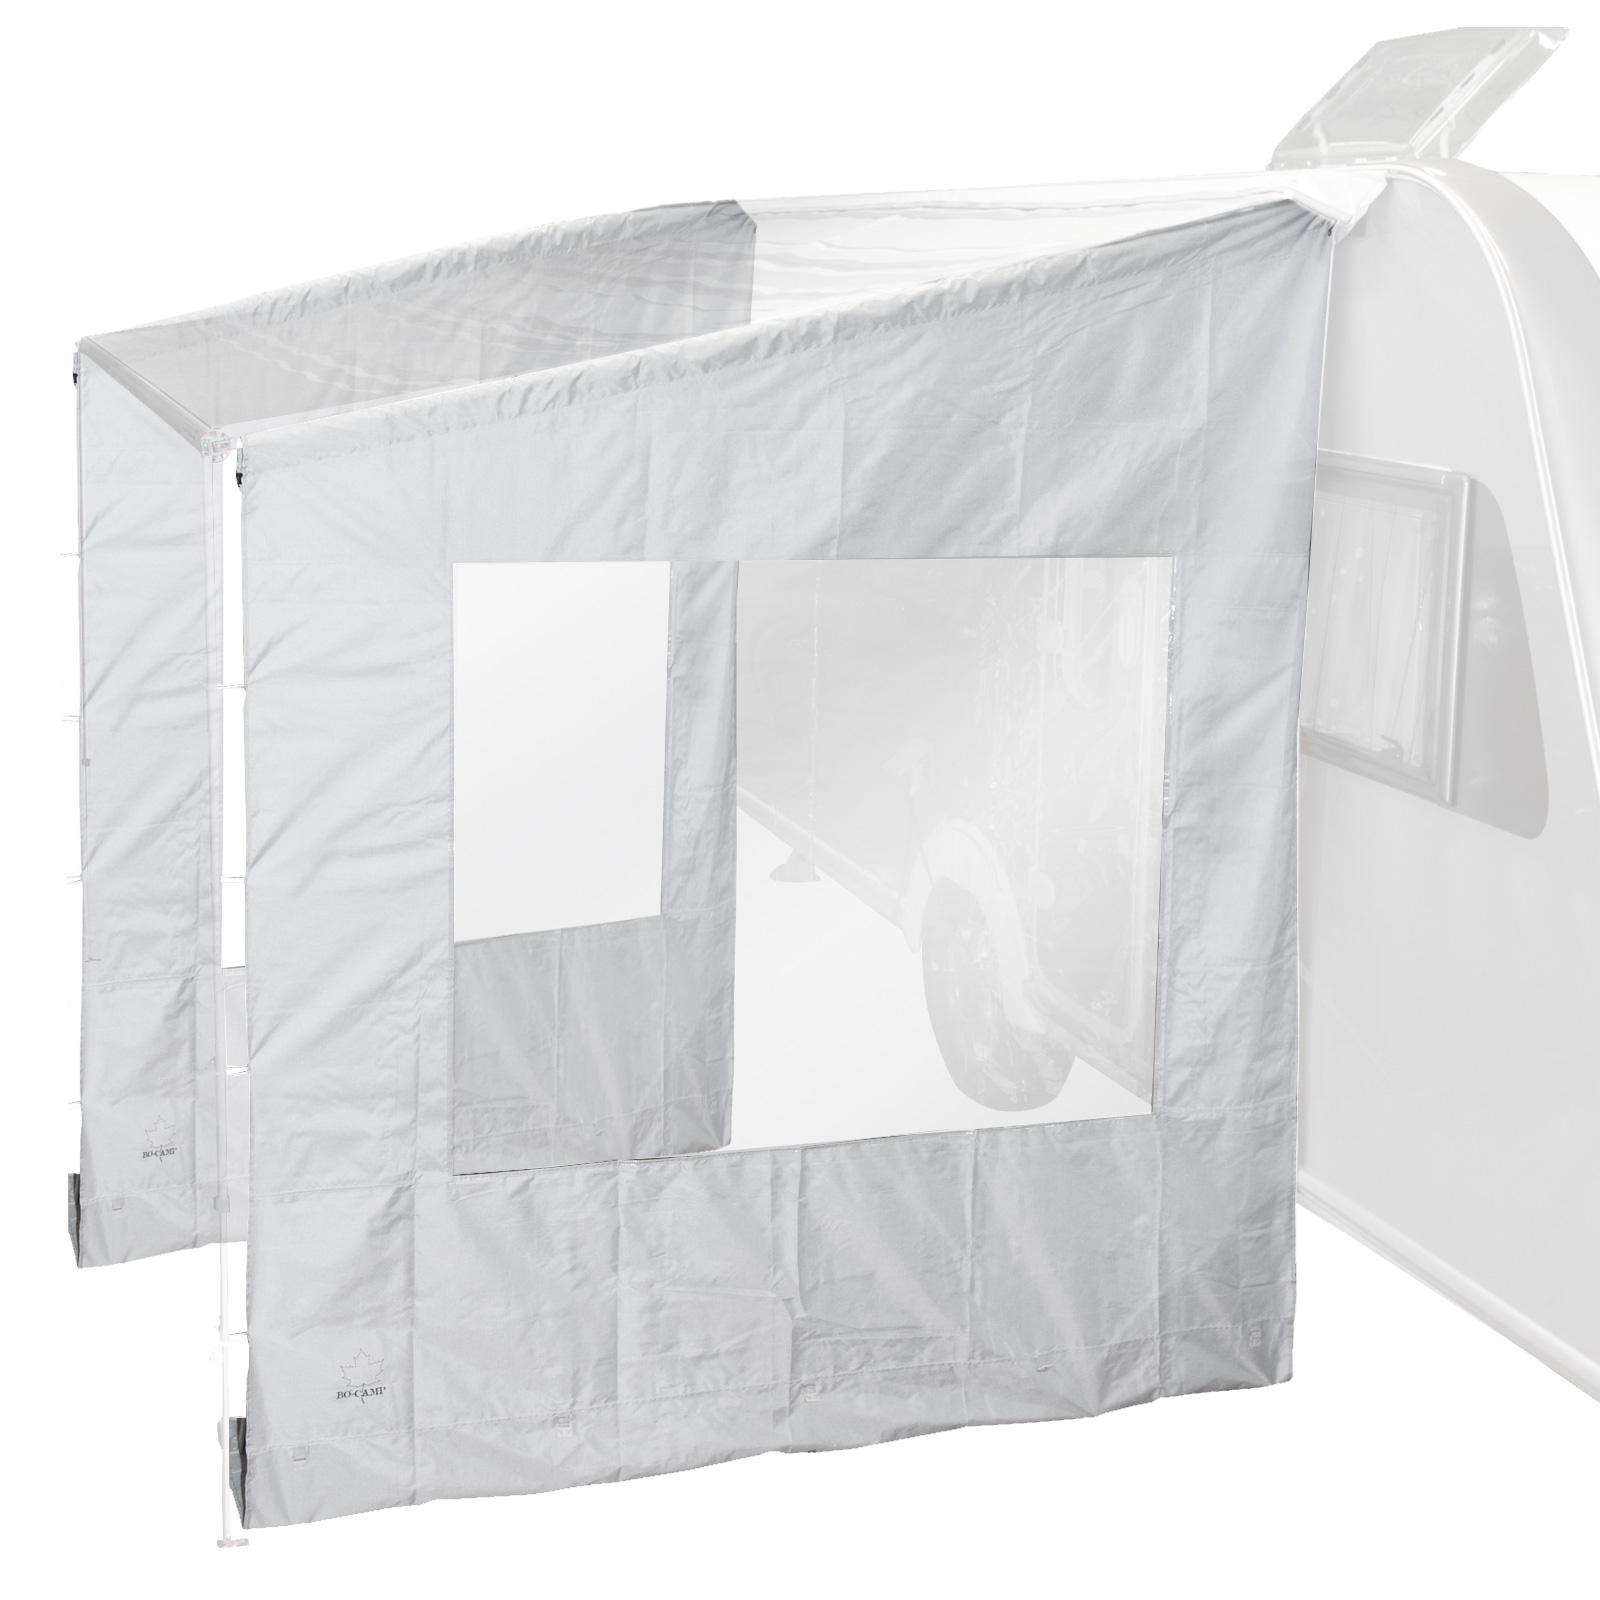 2x Universal-Seitenwand mit Fenster für Markise, grau, 225x213x290 cm